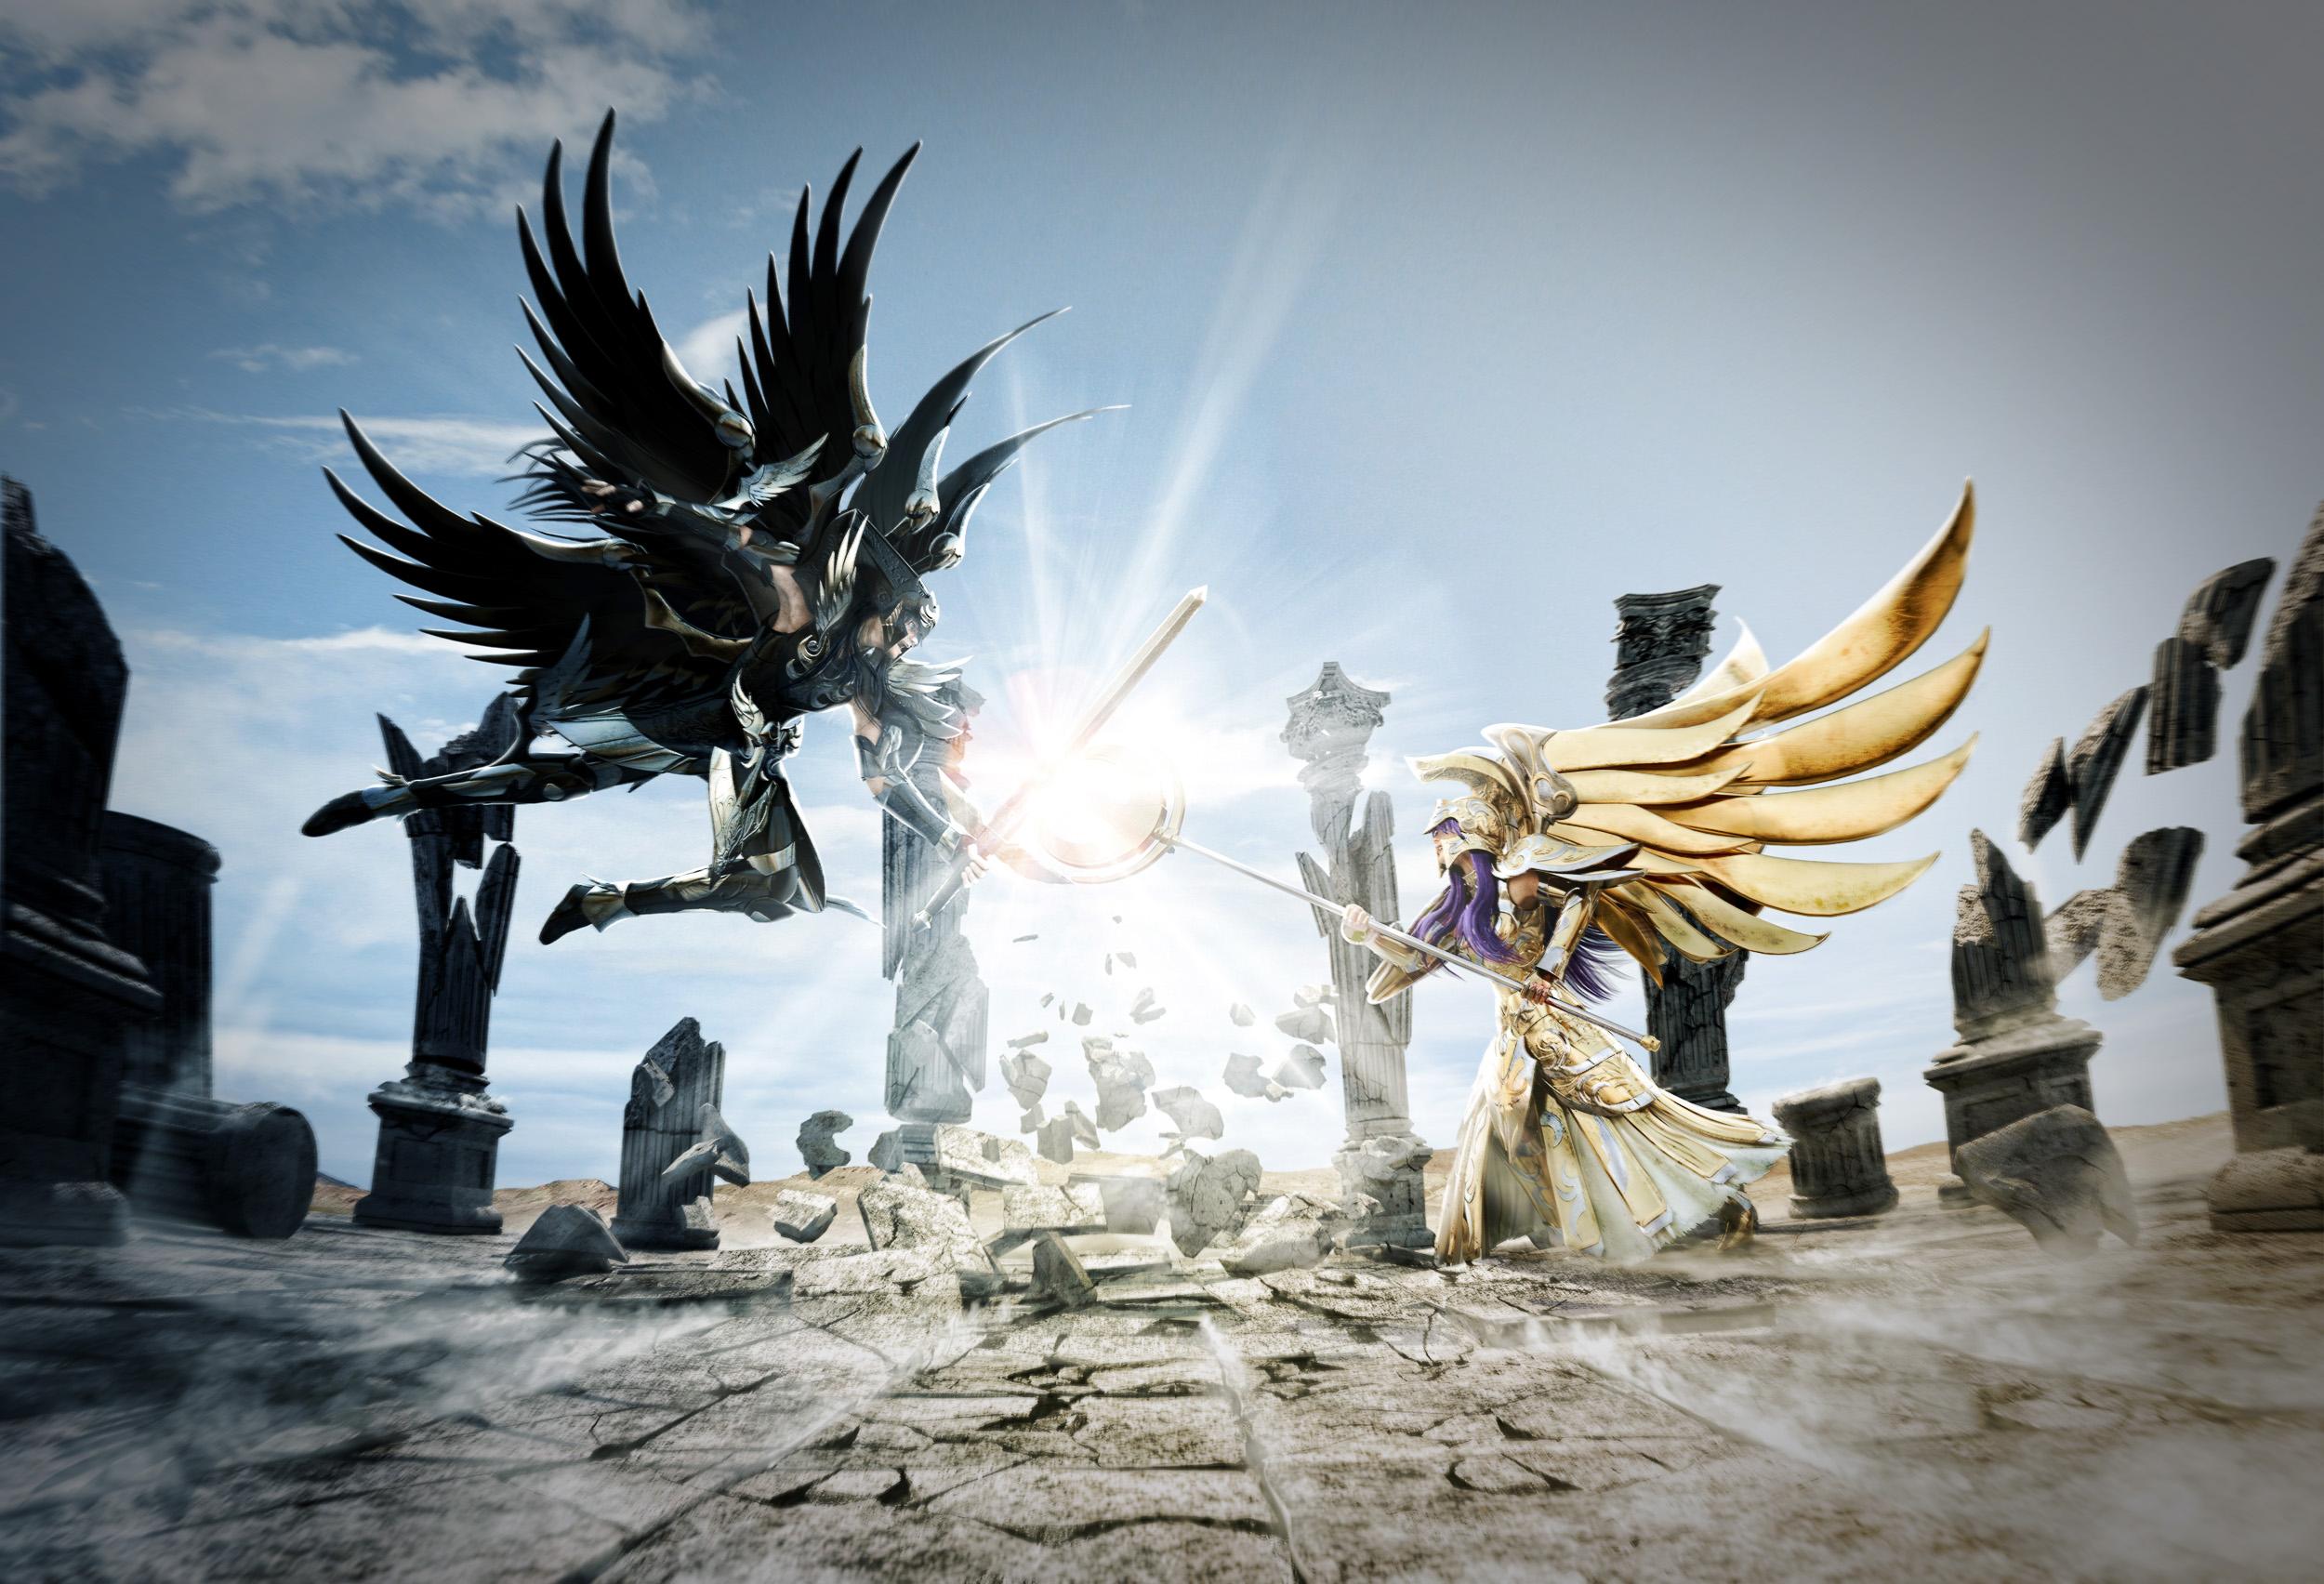 Reglas de Guerras Santas Hades_vs_athena_by_reinohvp-d4whdg0